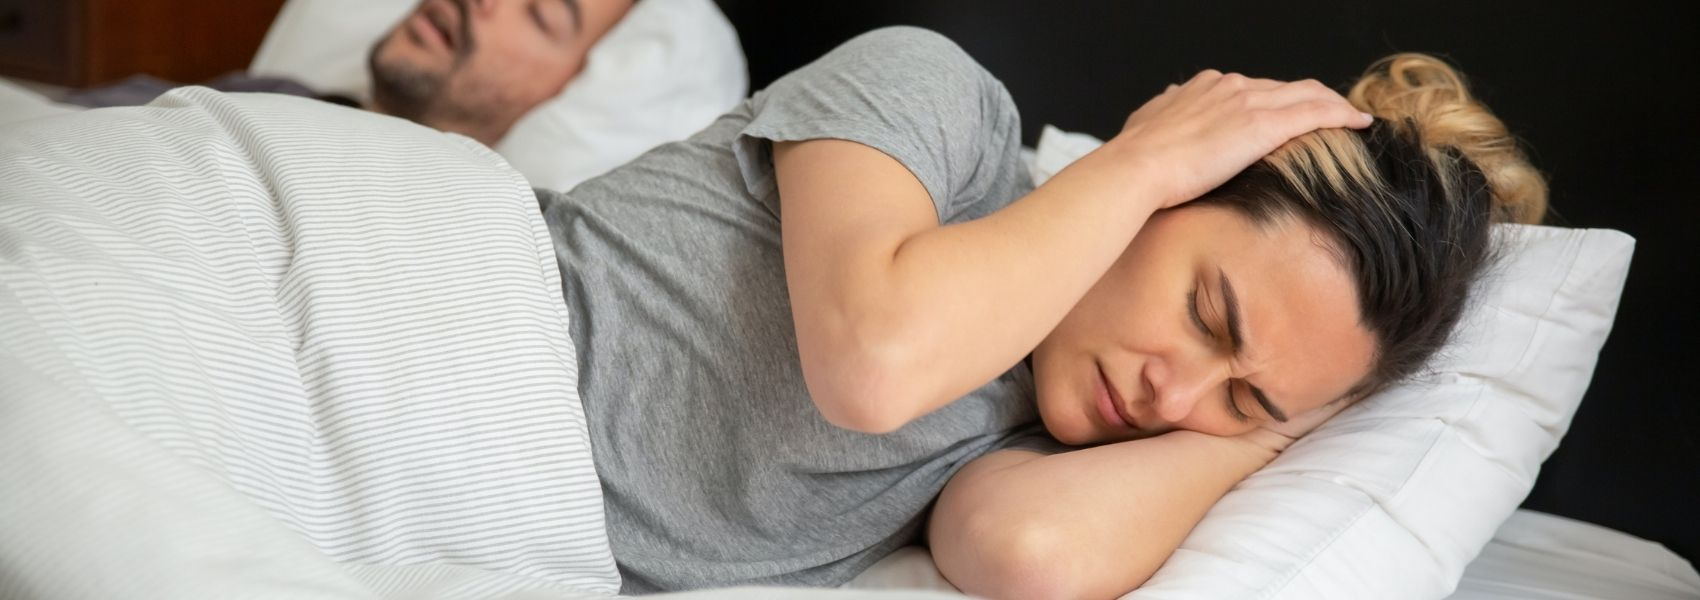 Será apenas ressonar? Reconheça os sinais de alerta da apneia do sono